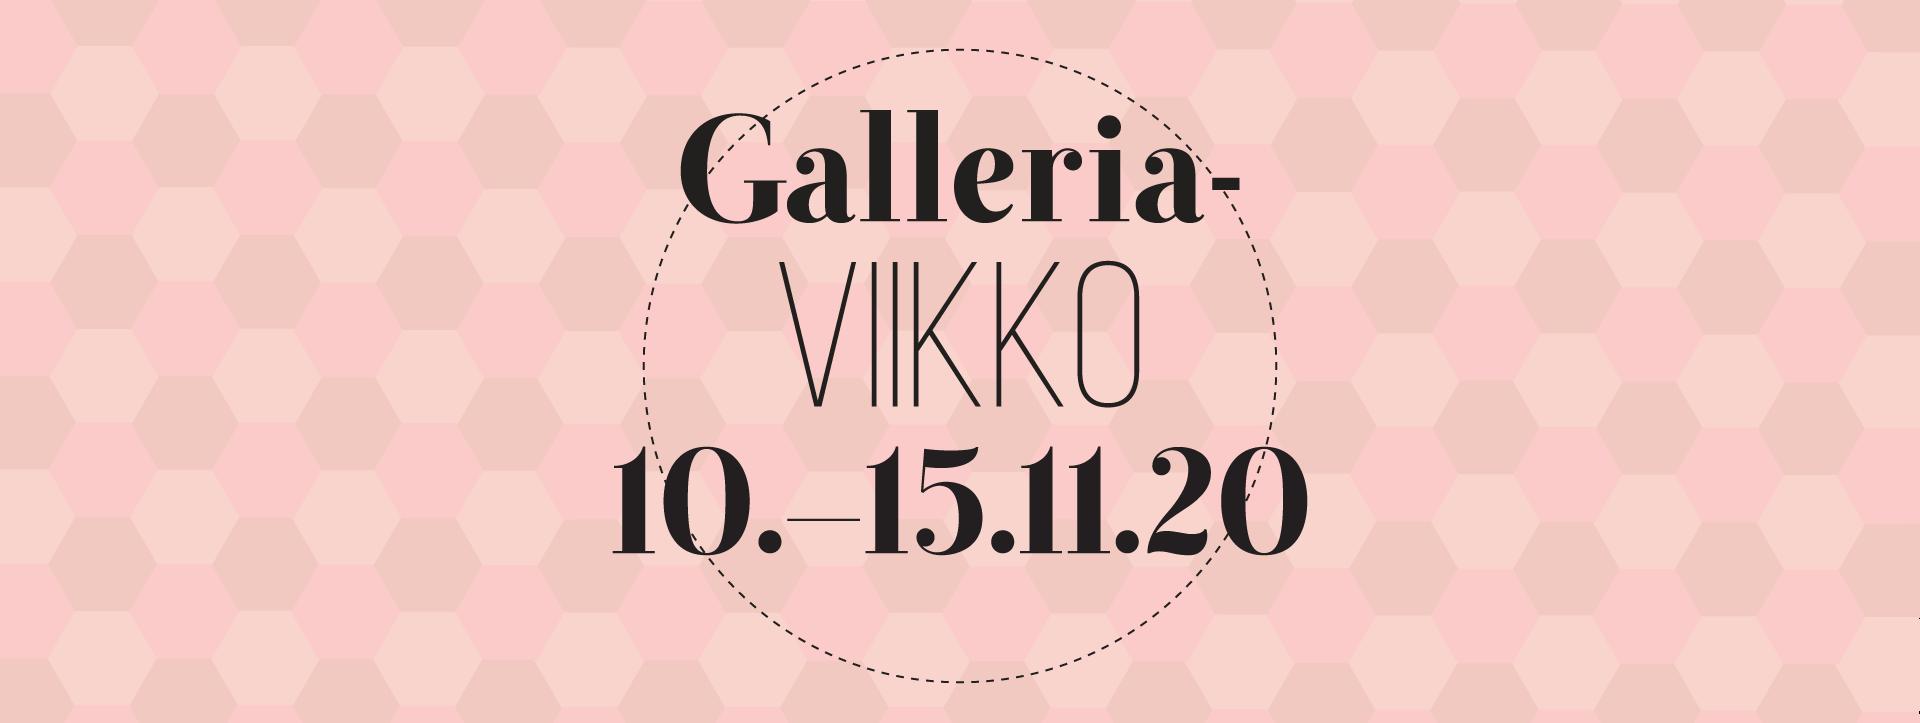 Tampereen Galleriaviikko